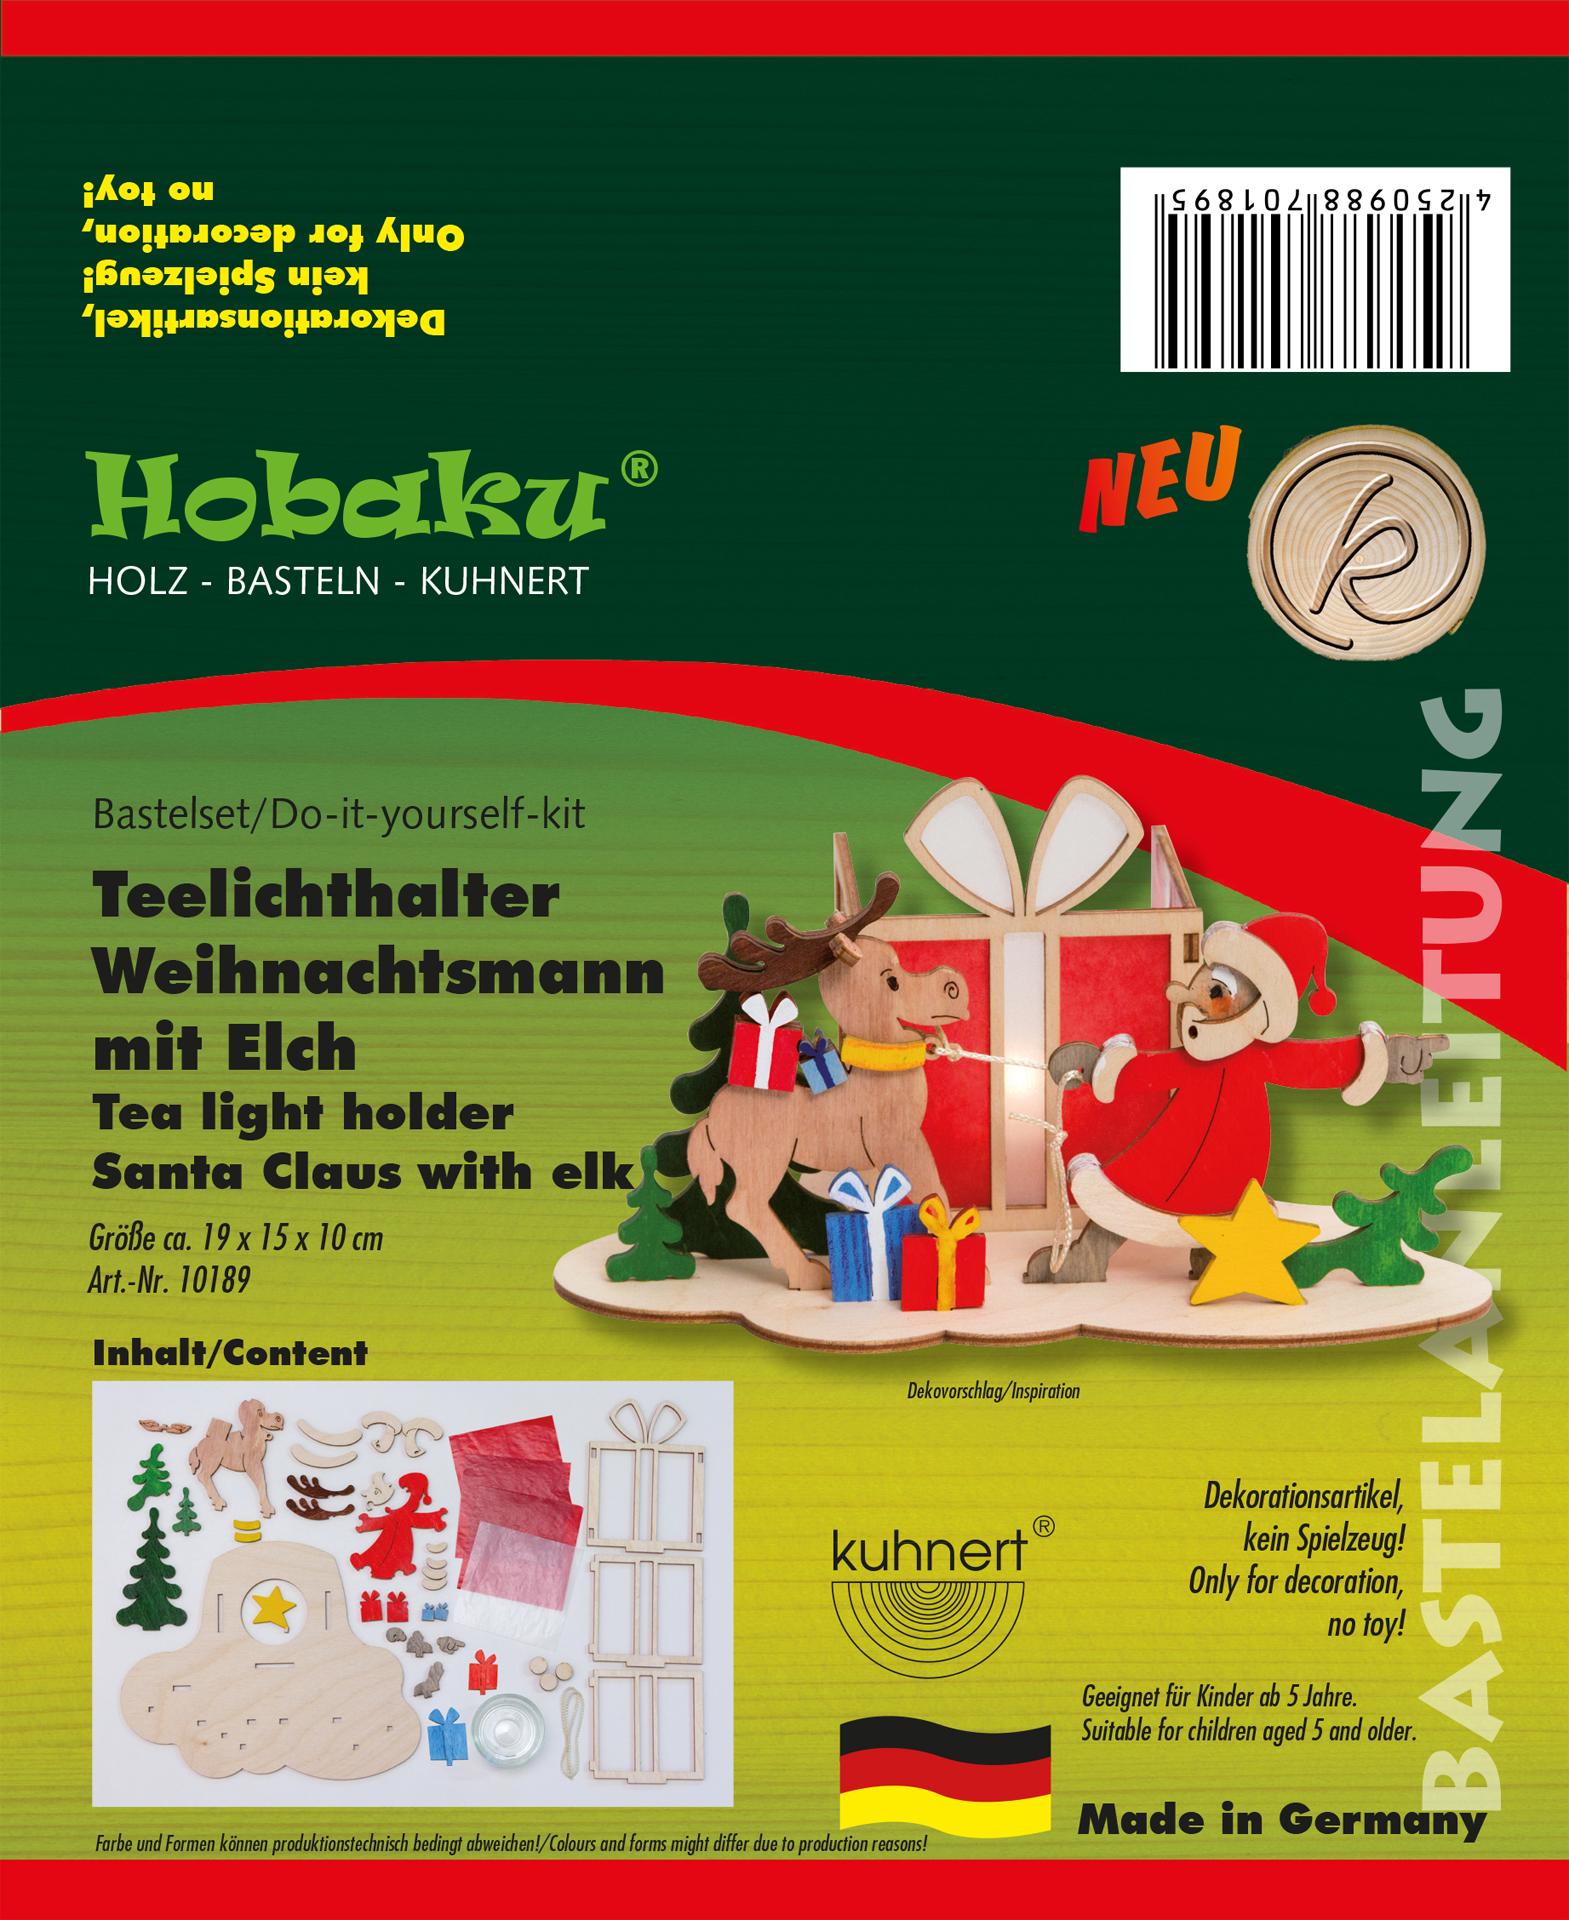 Bastelset Teelichthalter Weihnachtsmann mit Elch